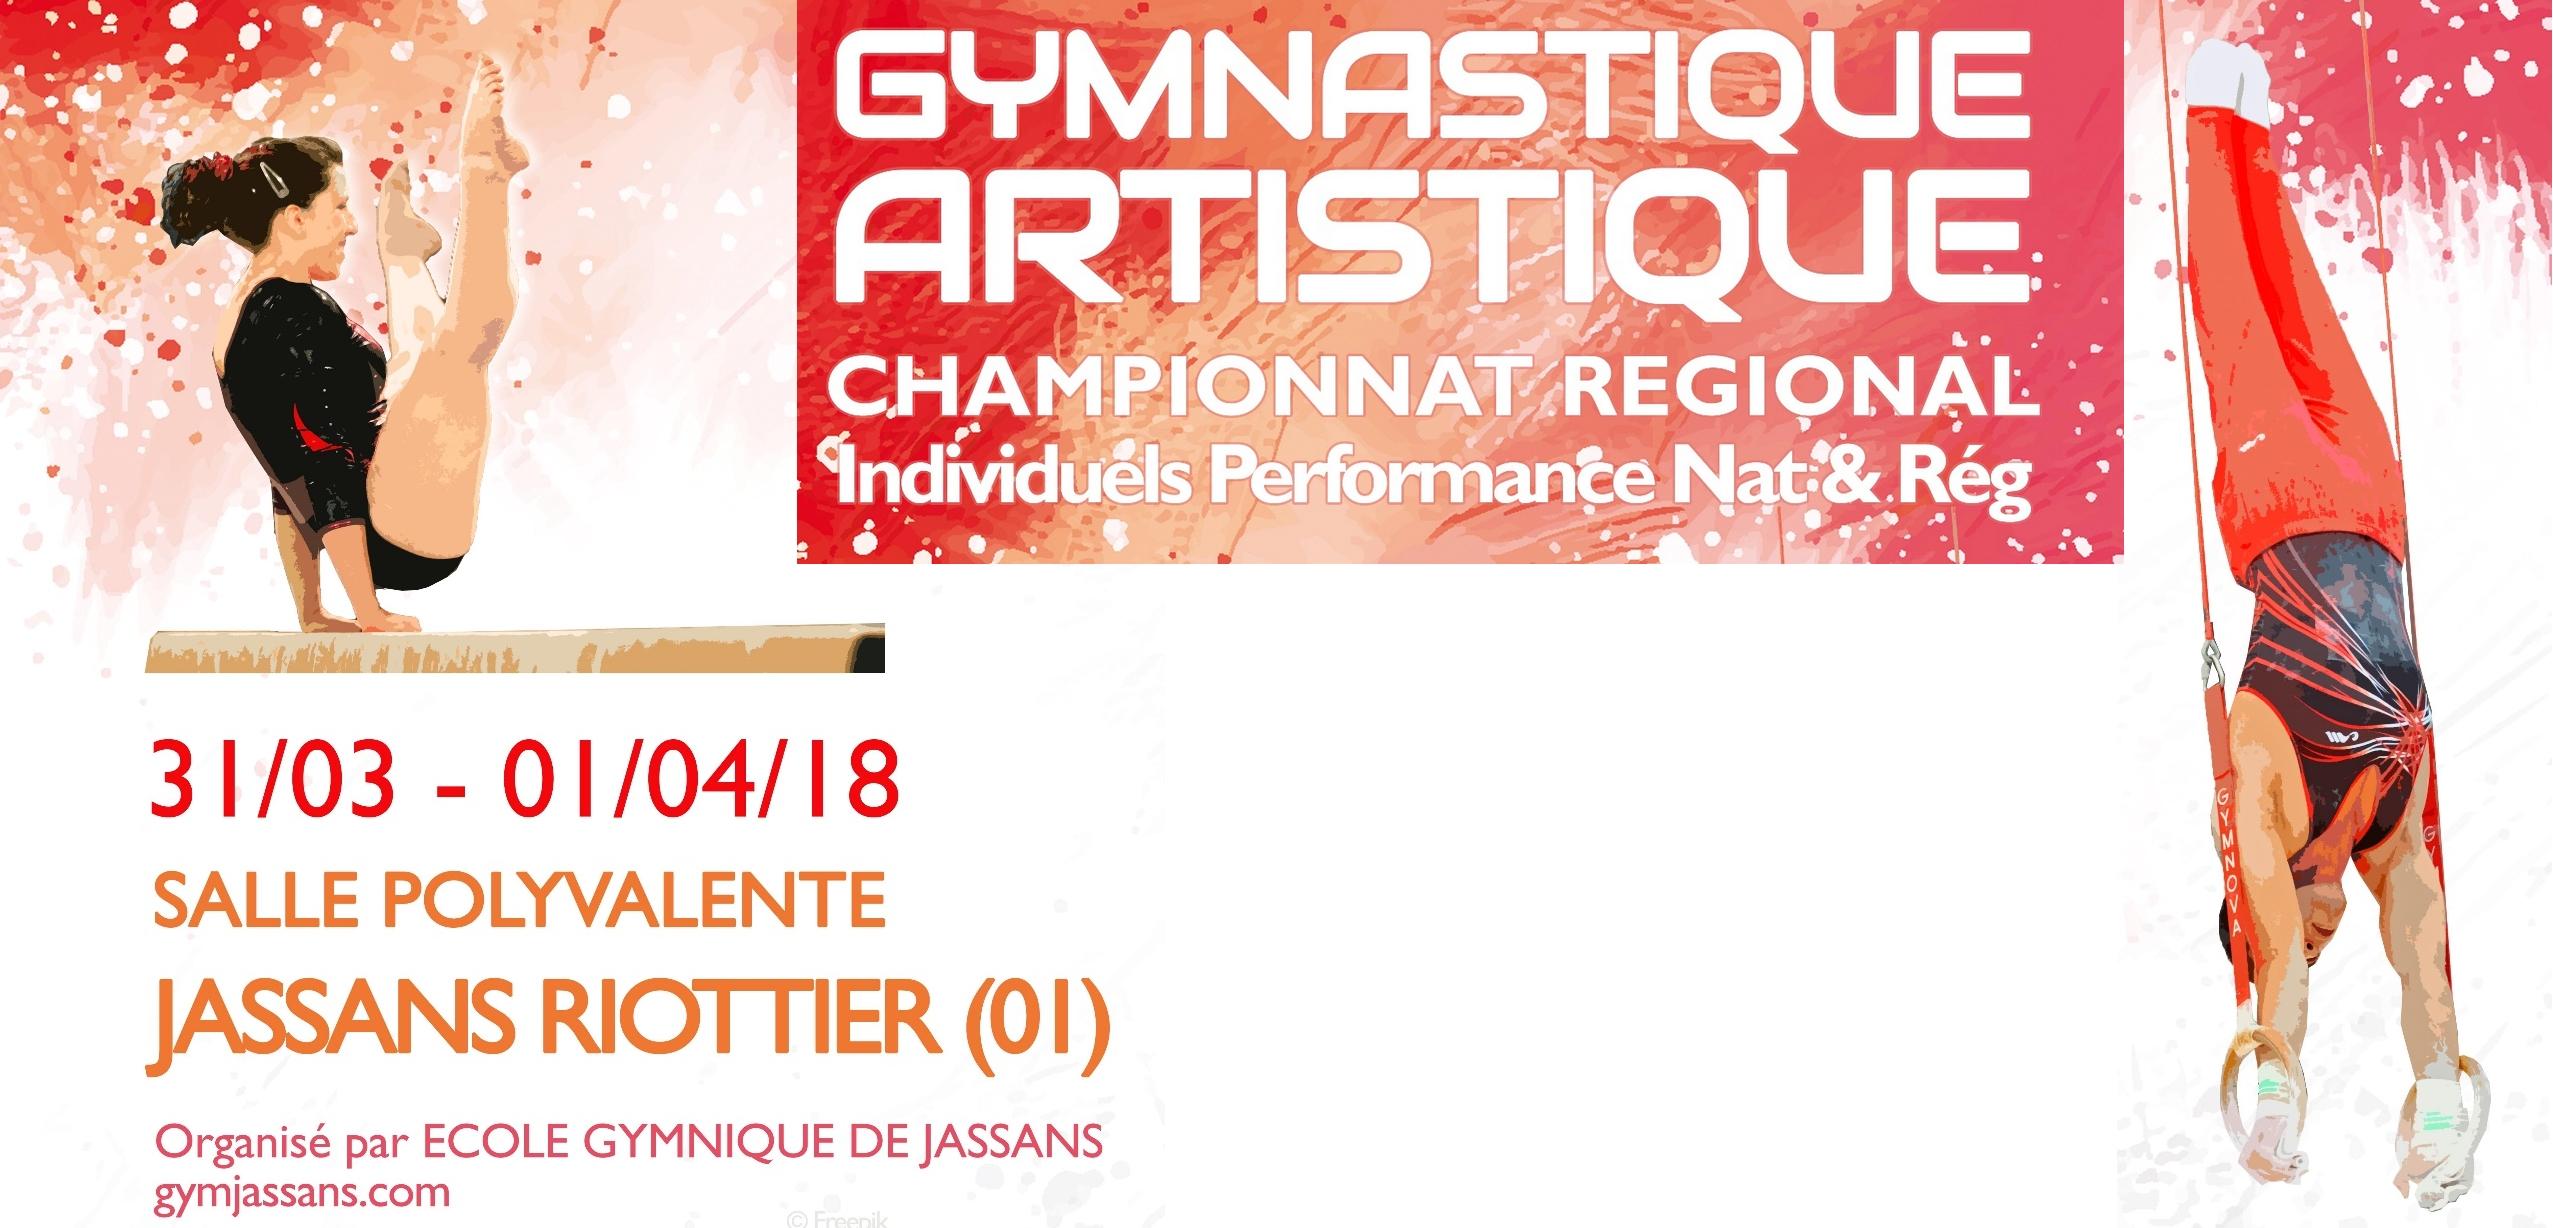 Championnat régional individuels Gym artistique à Jassans